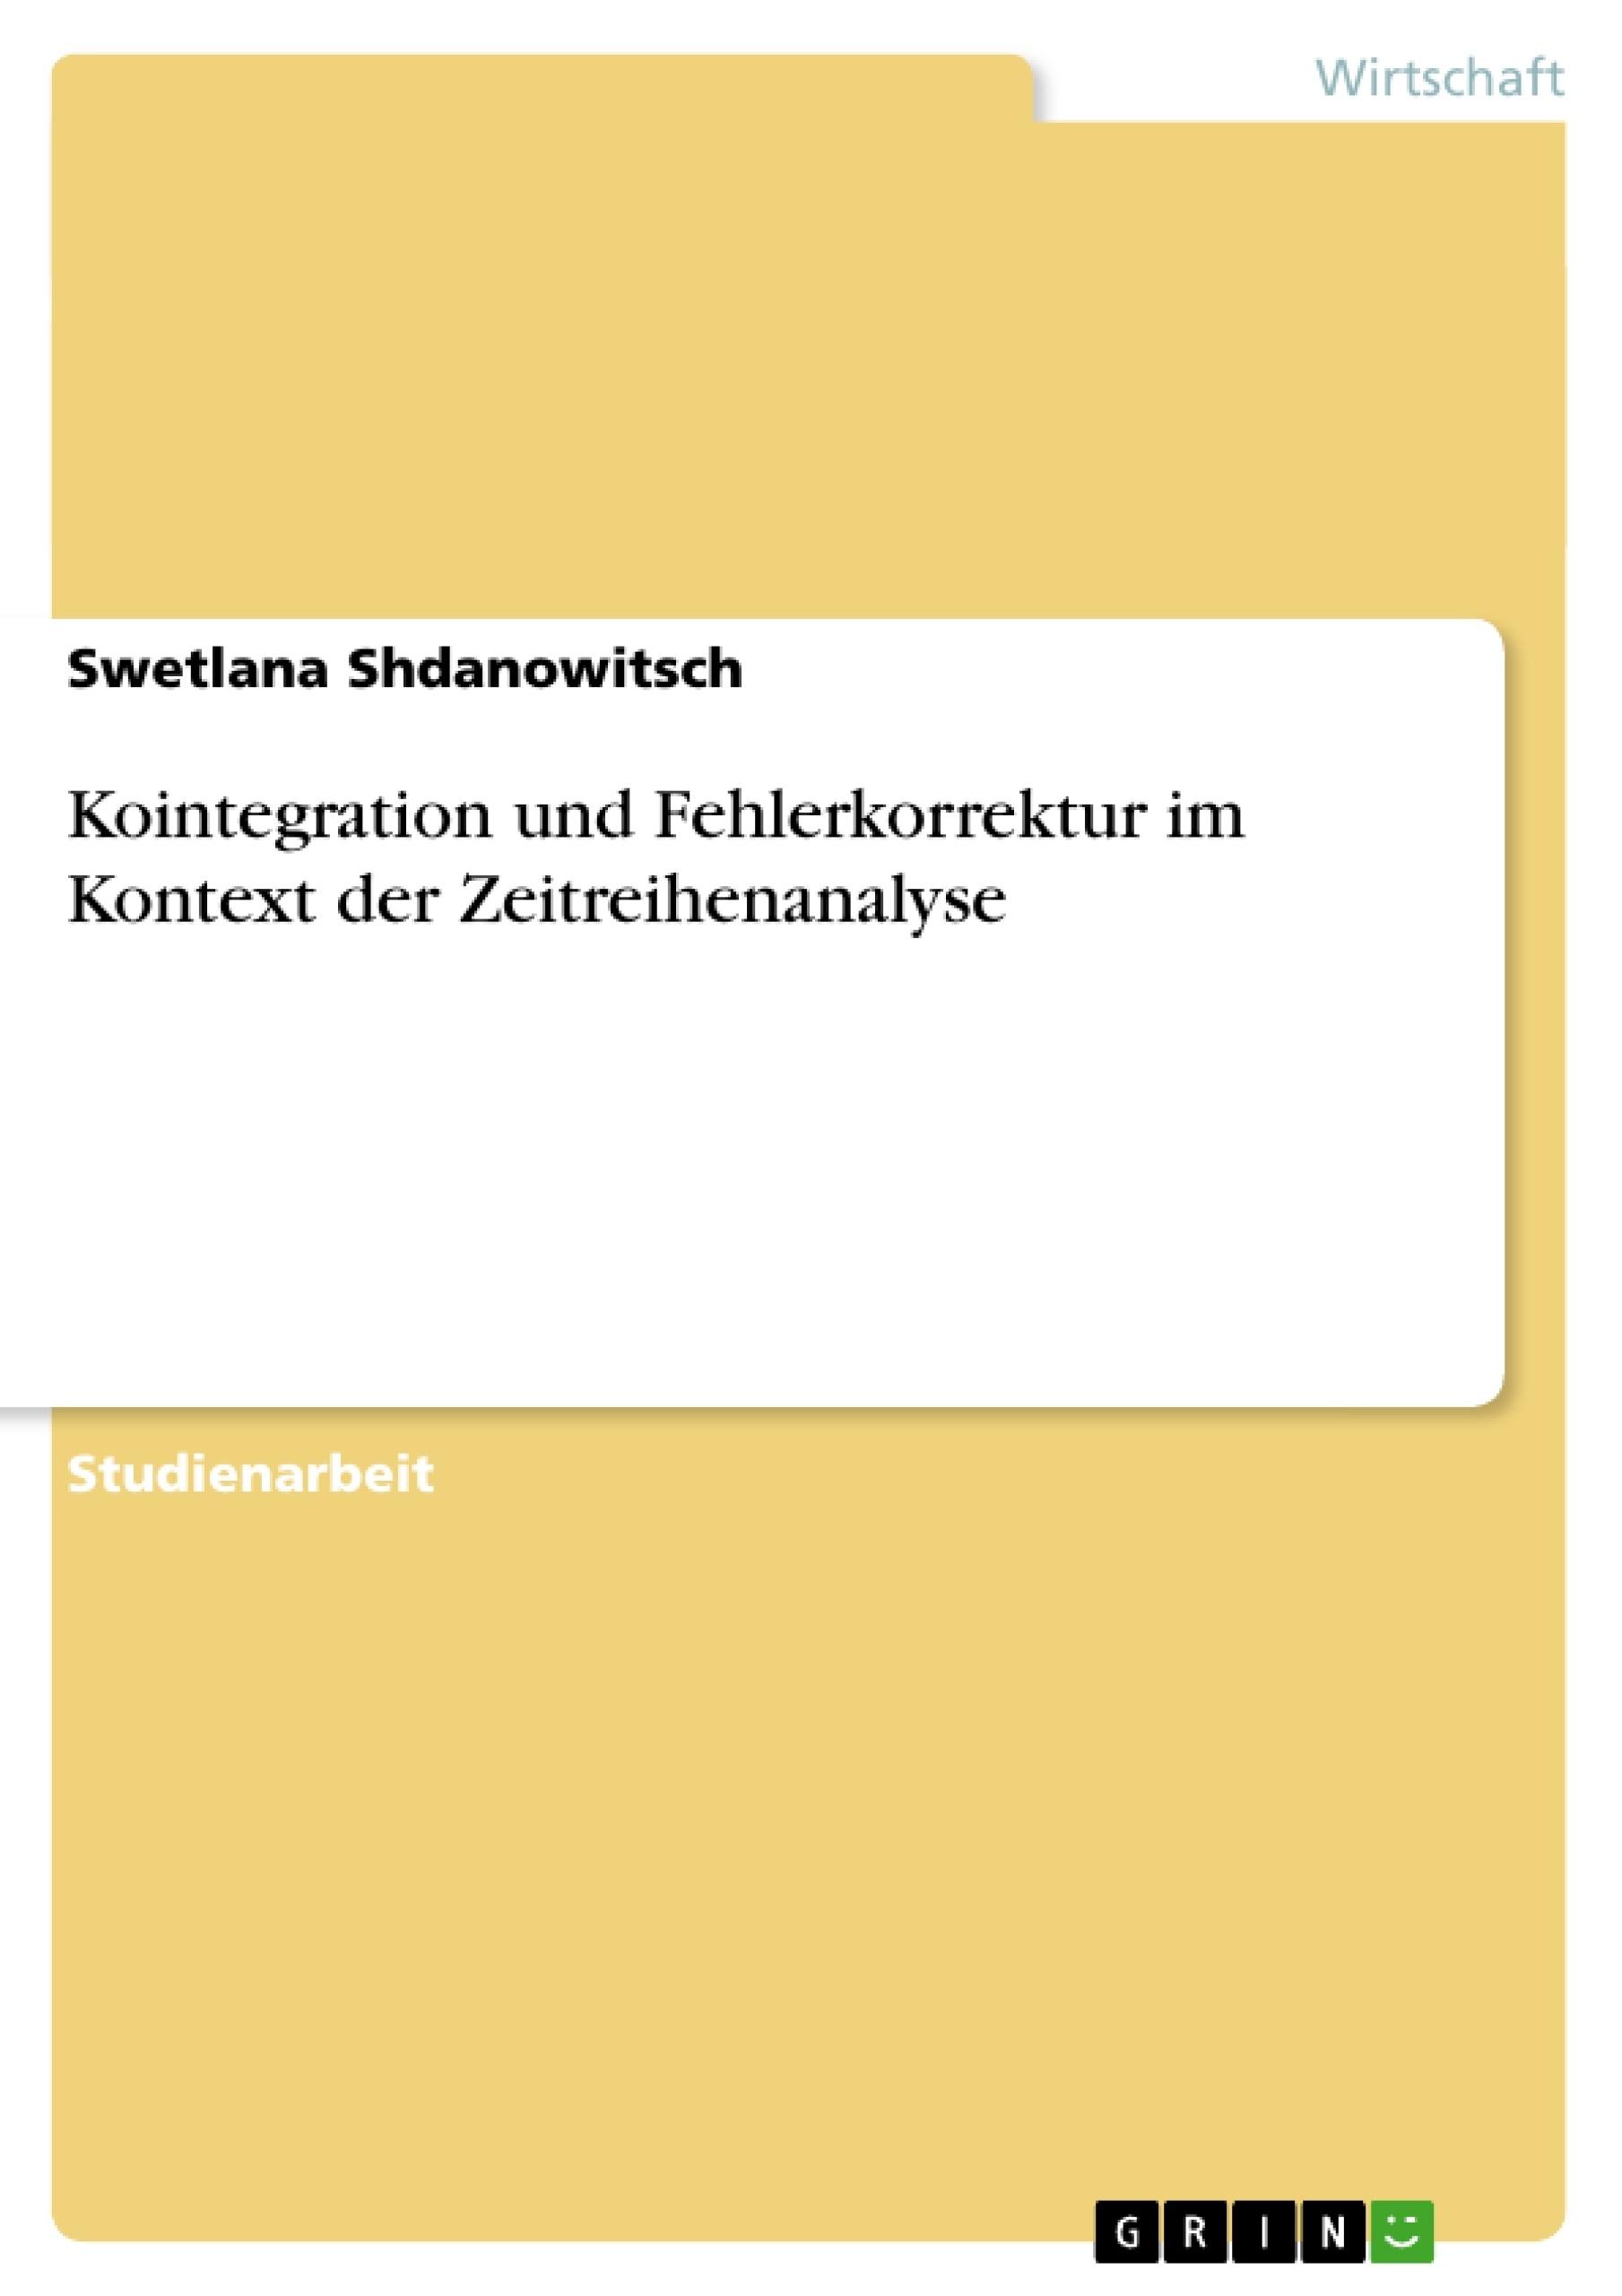 Titel: Kointegration und Fehlerkorrektur im Kontext der Zeitreihenanalyse